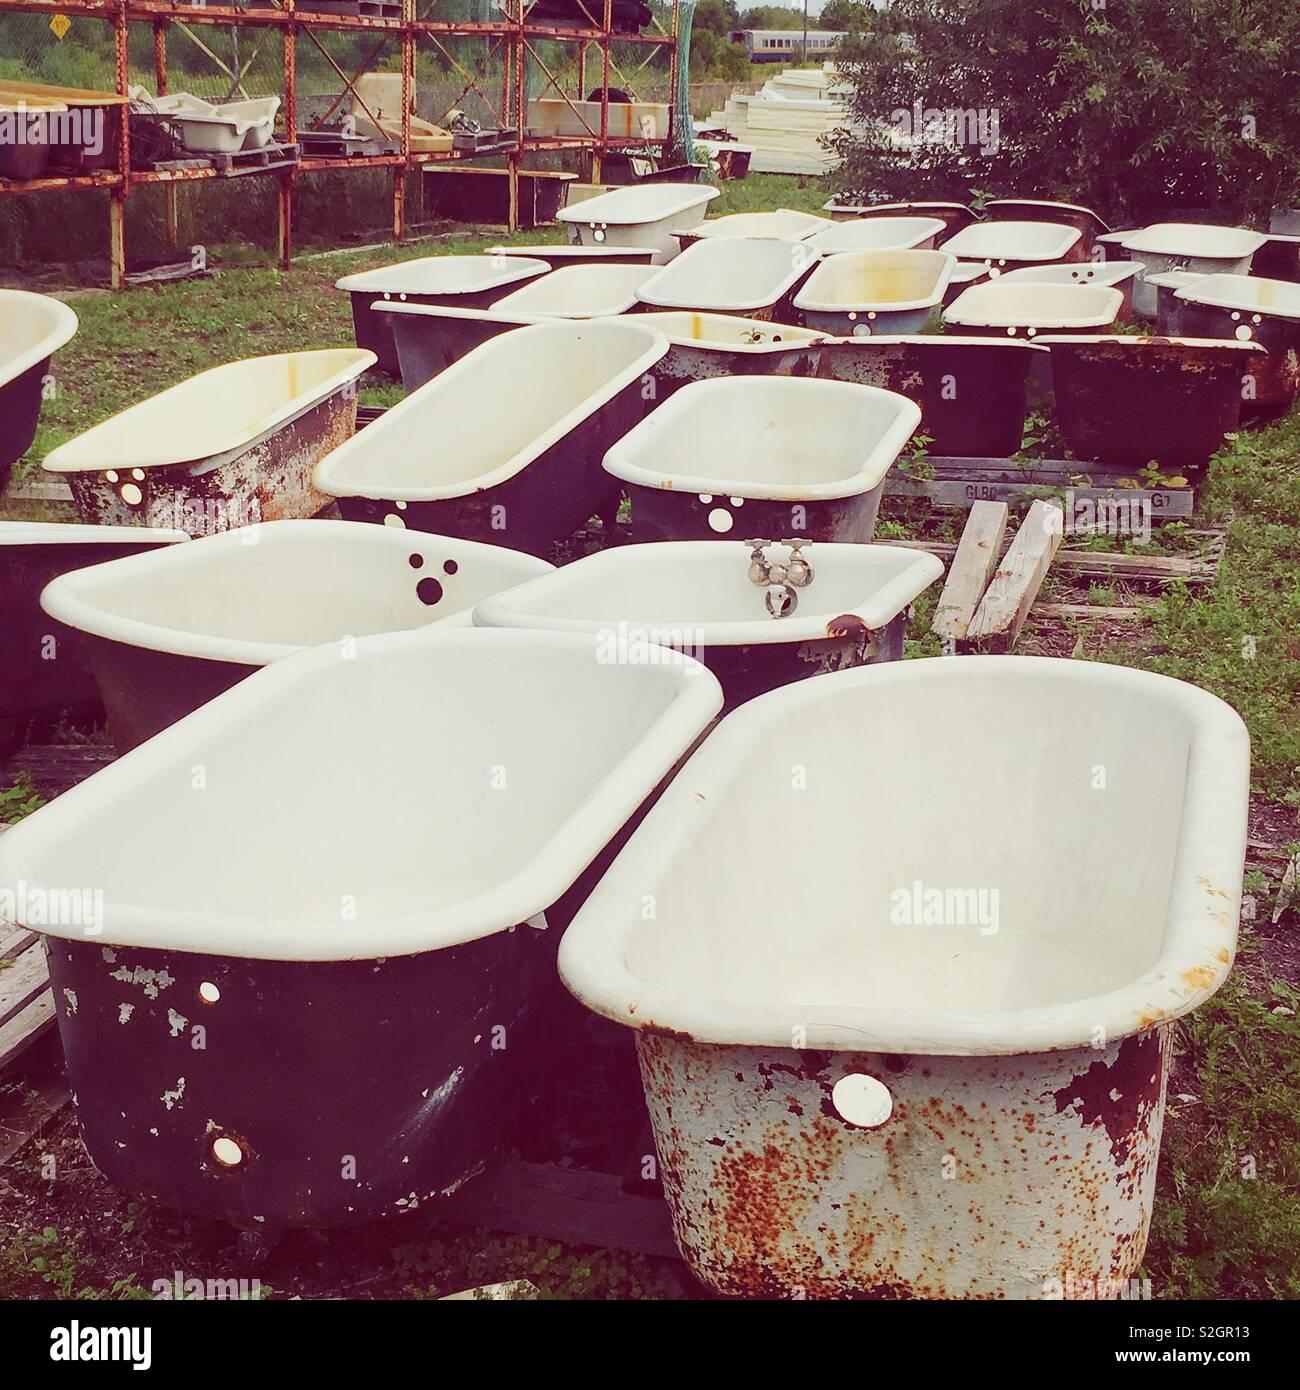 Baignoire de repos, regroupement d'une baignoire vintage entreposées à l'extérieur dans un champ. Photo Stock